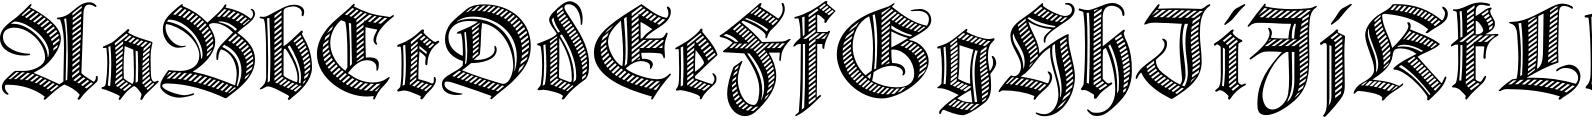 Zierfraktur